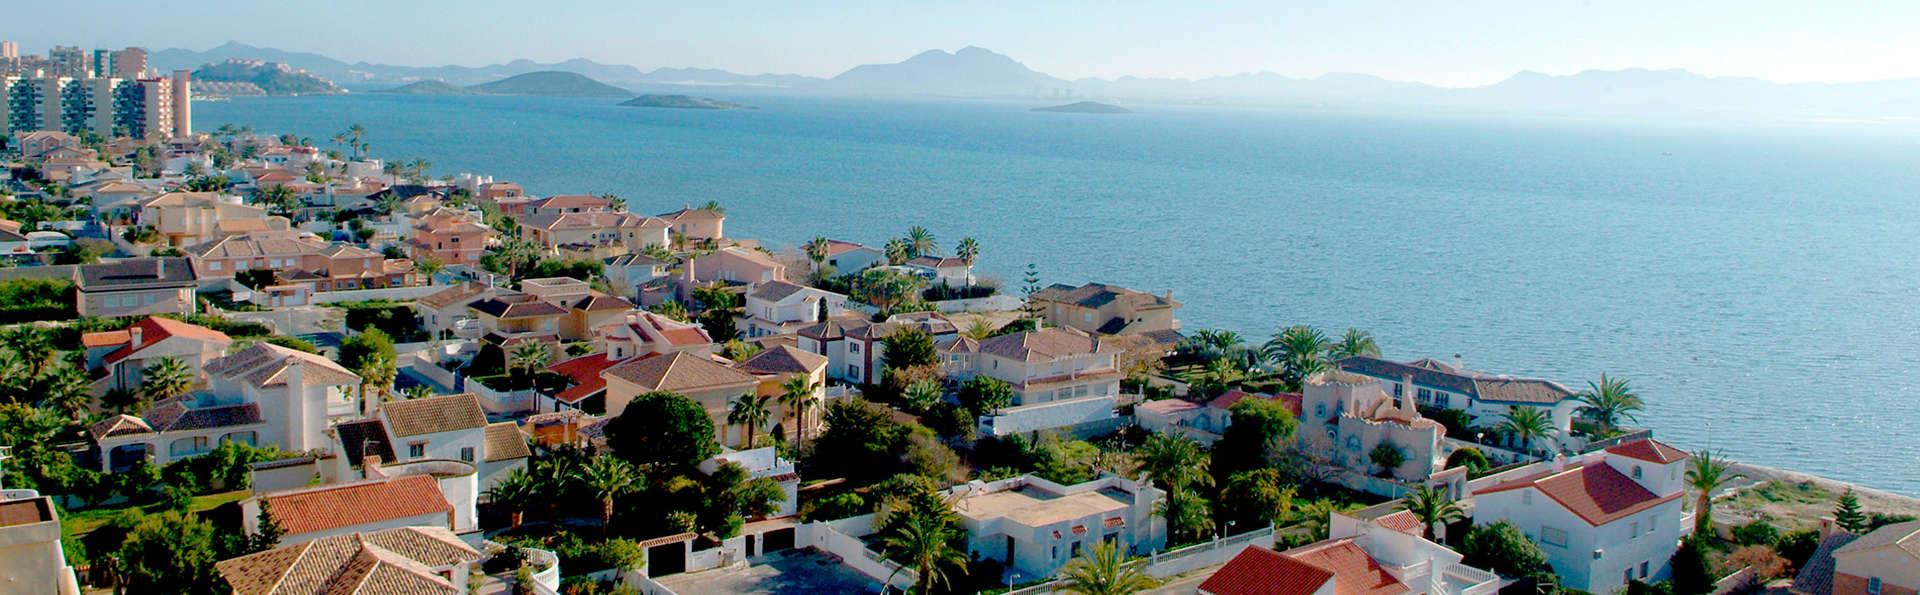 Escapada con Pensión completa y acceso al spa en pleno Mar Menor